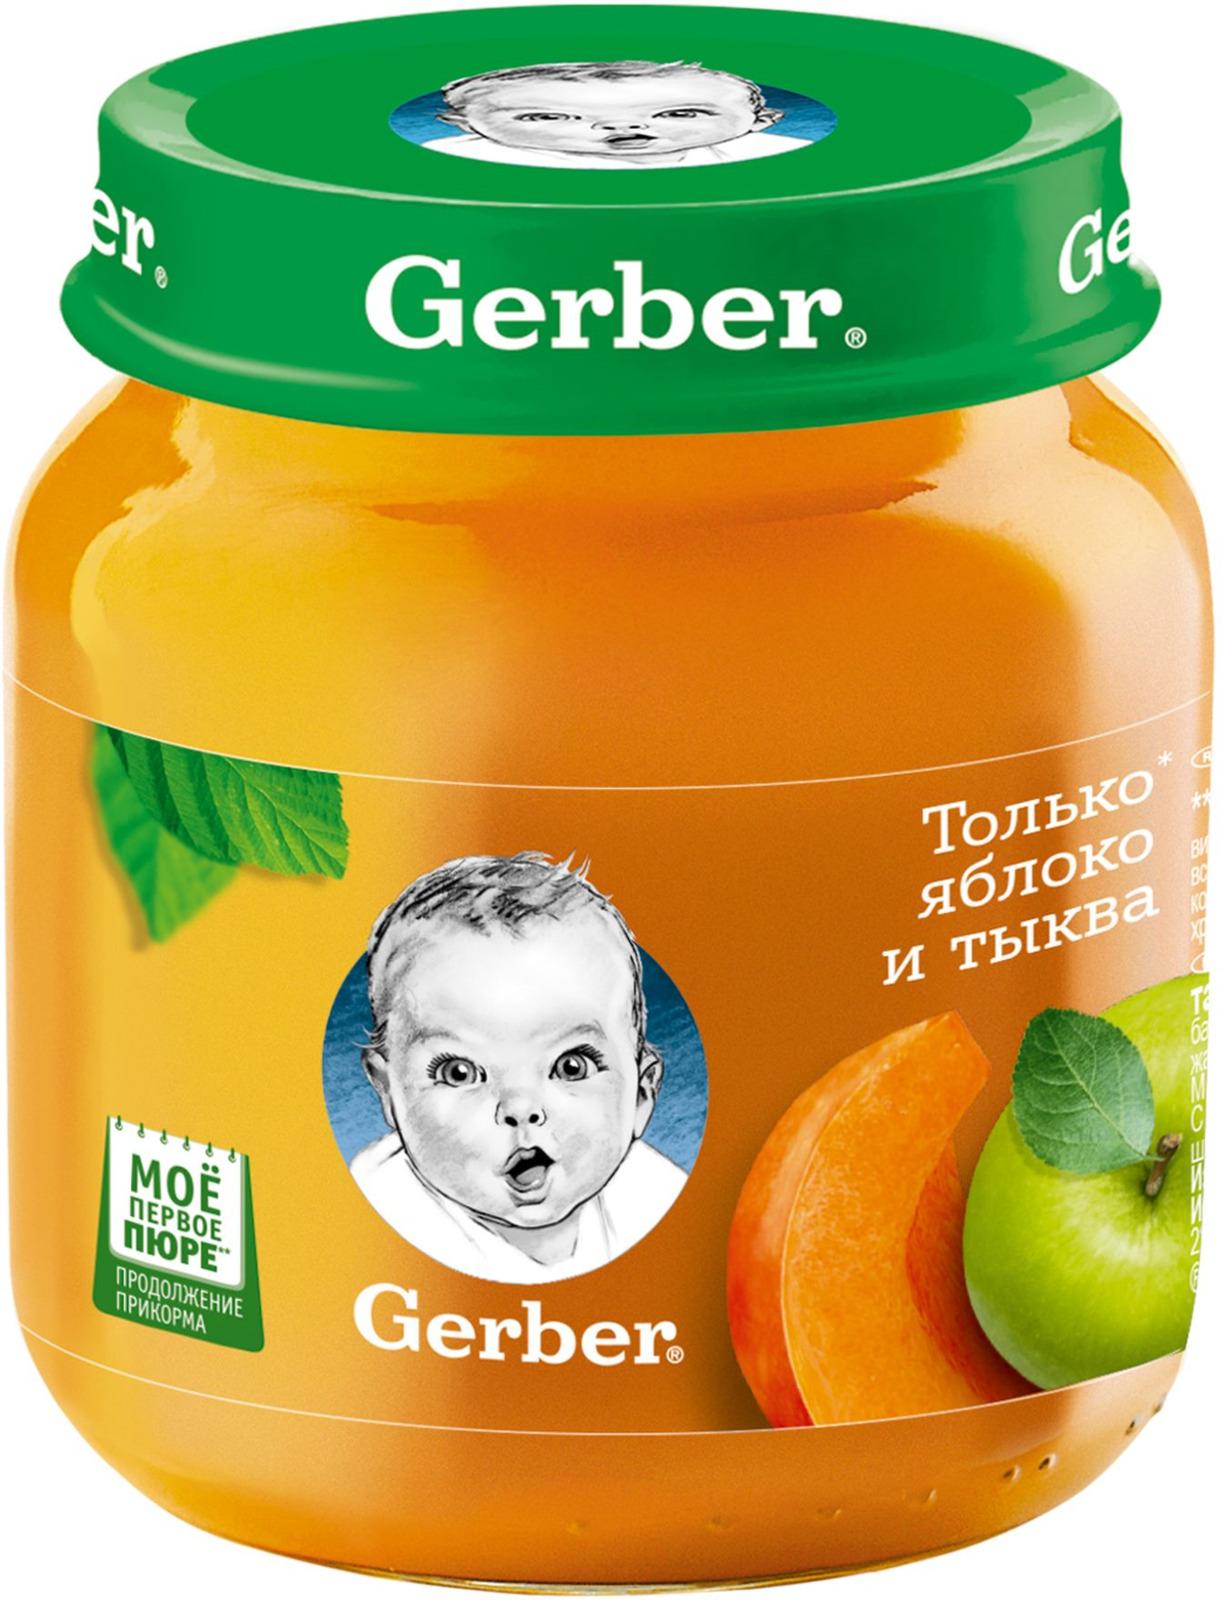 Gerber пюре фруктовое яблоко и тыква, 130 г